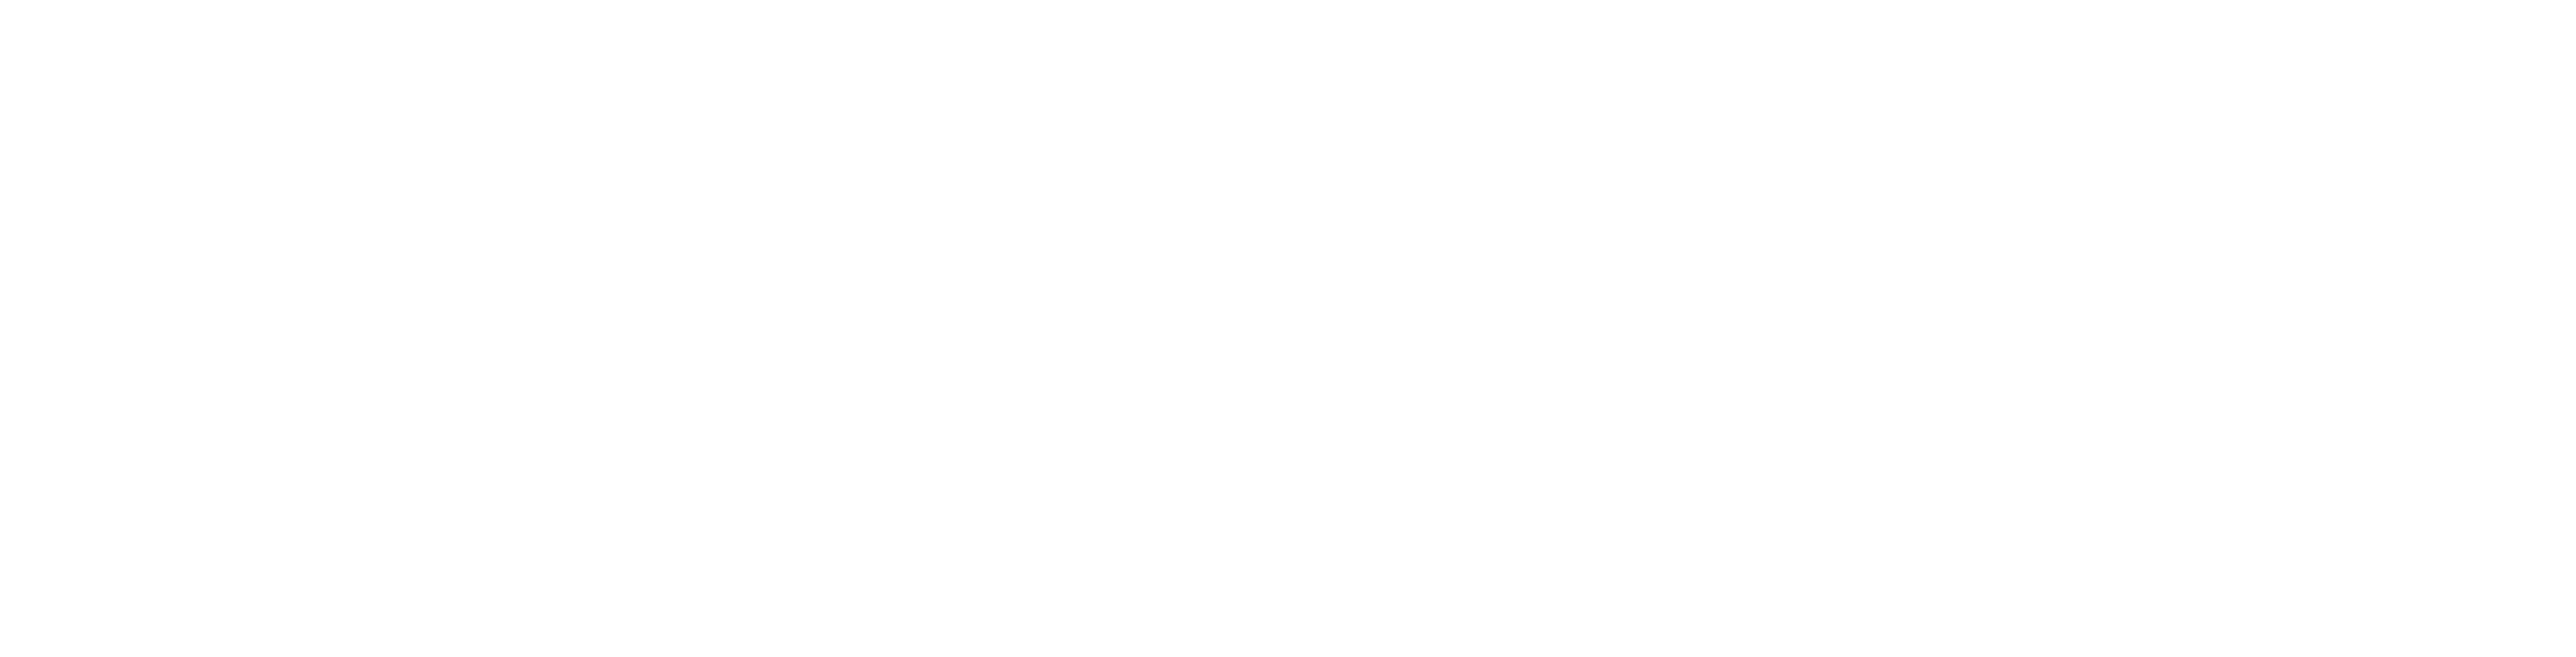 WayneStocks.com